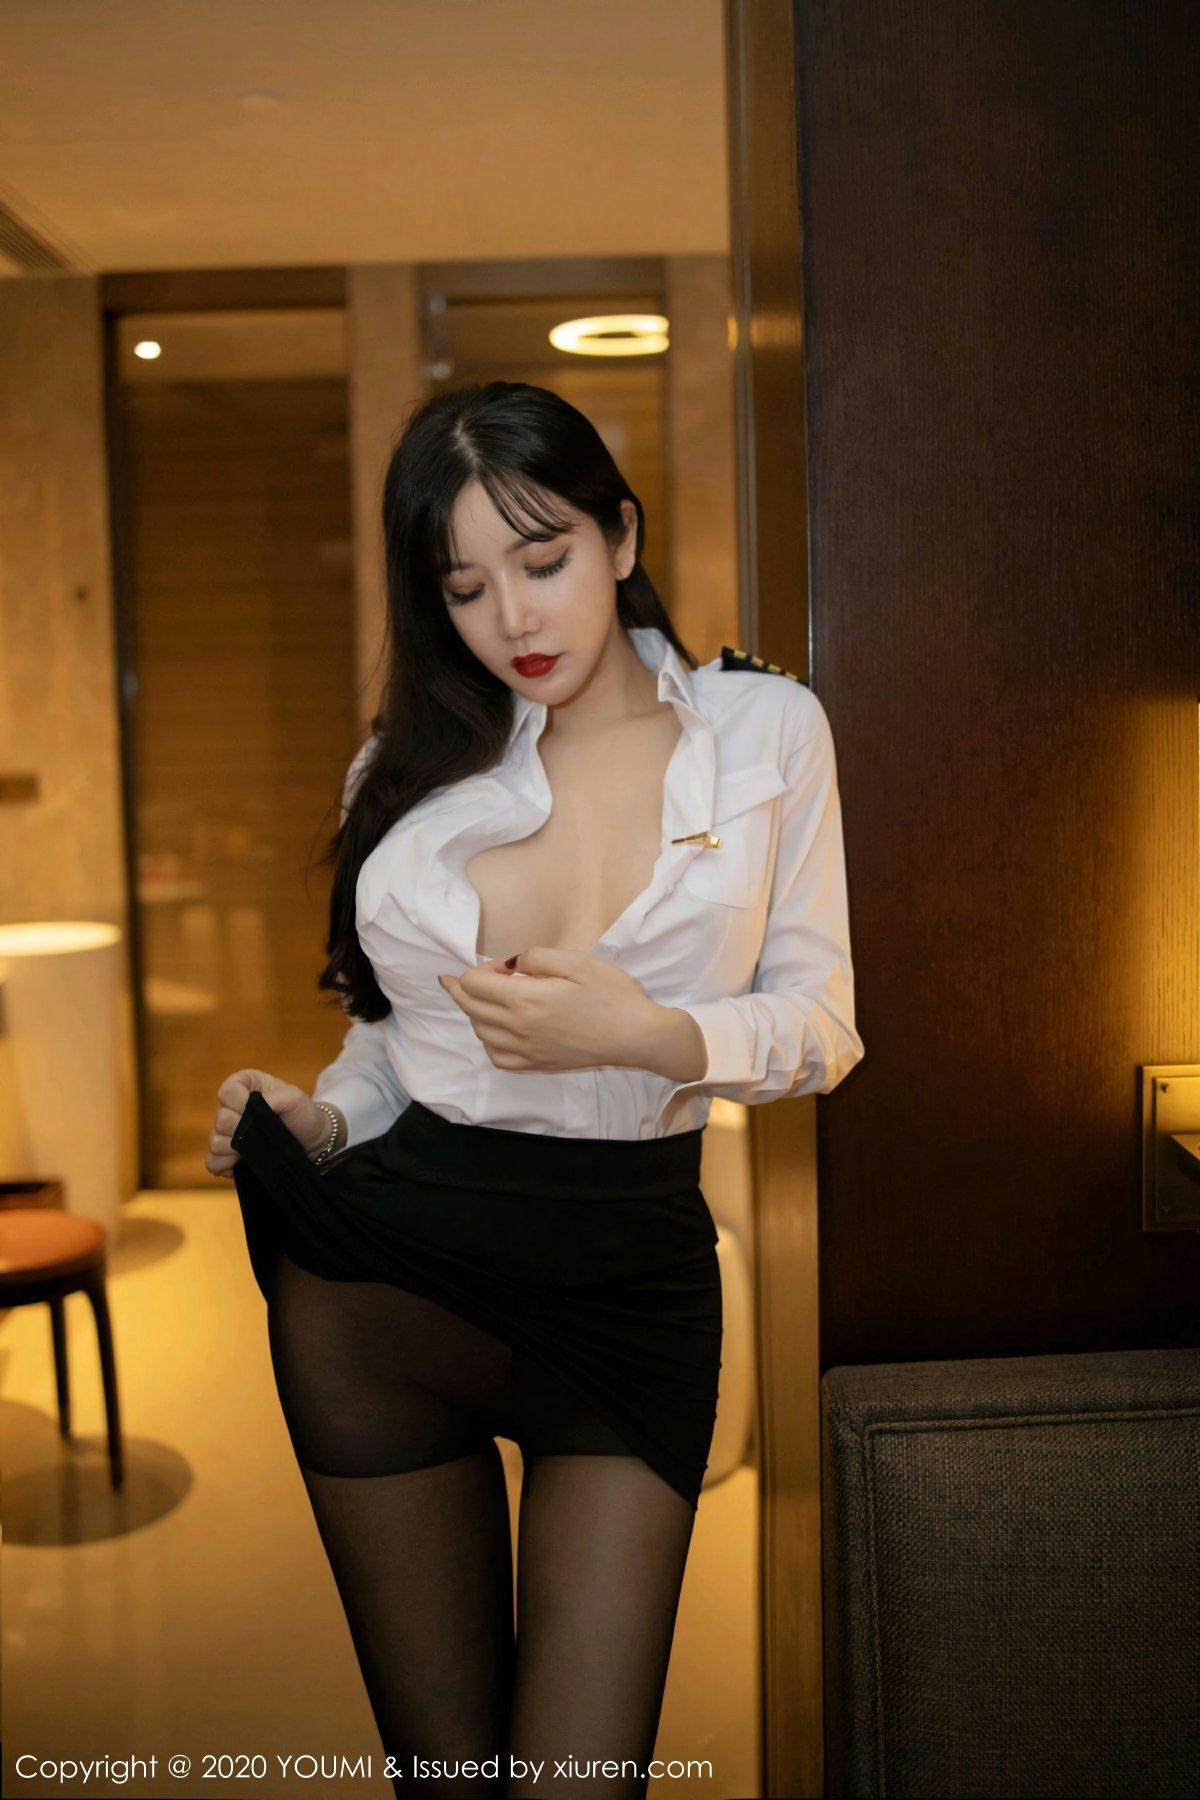 [YOUMI尤蜜荟]2020.03.04 VOL.428 心妍小公主[29P] 尤蜜荟 第3张